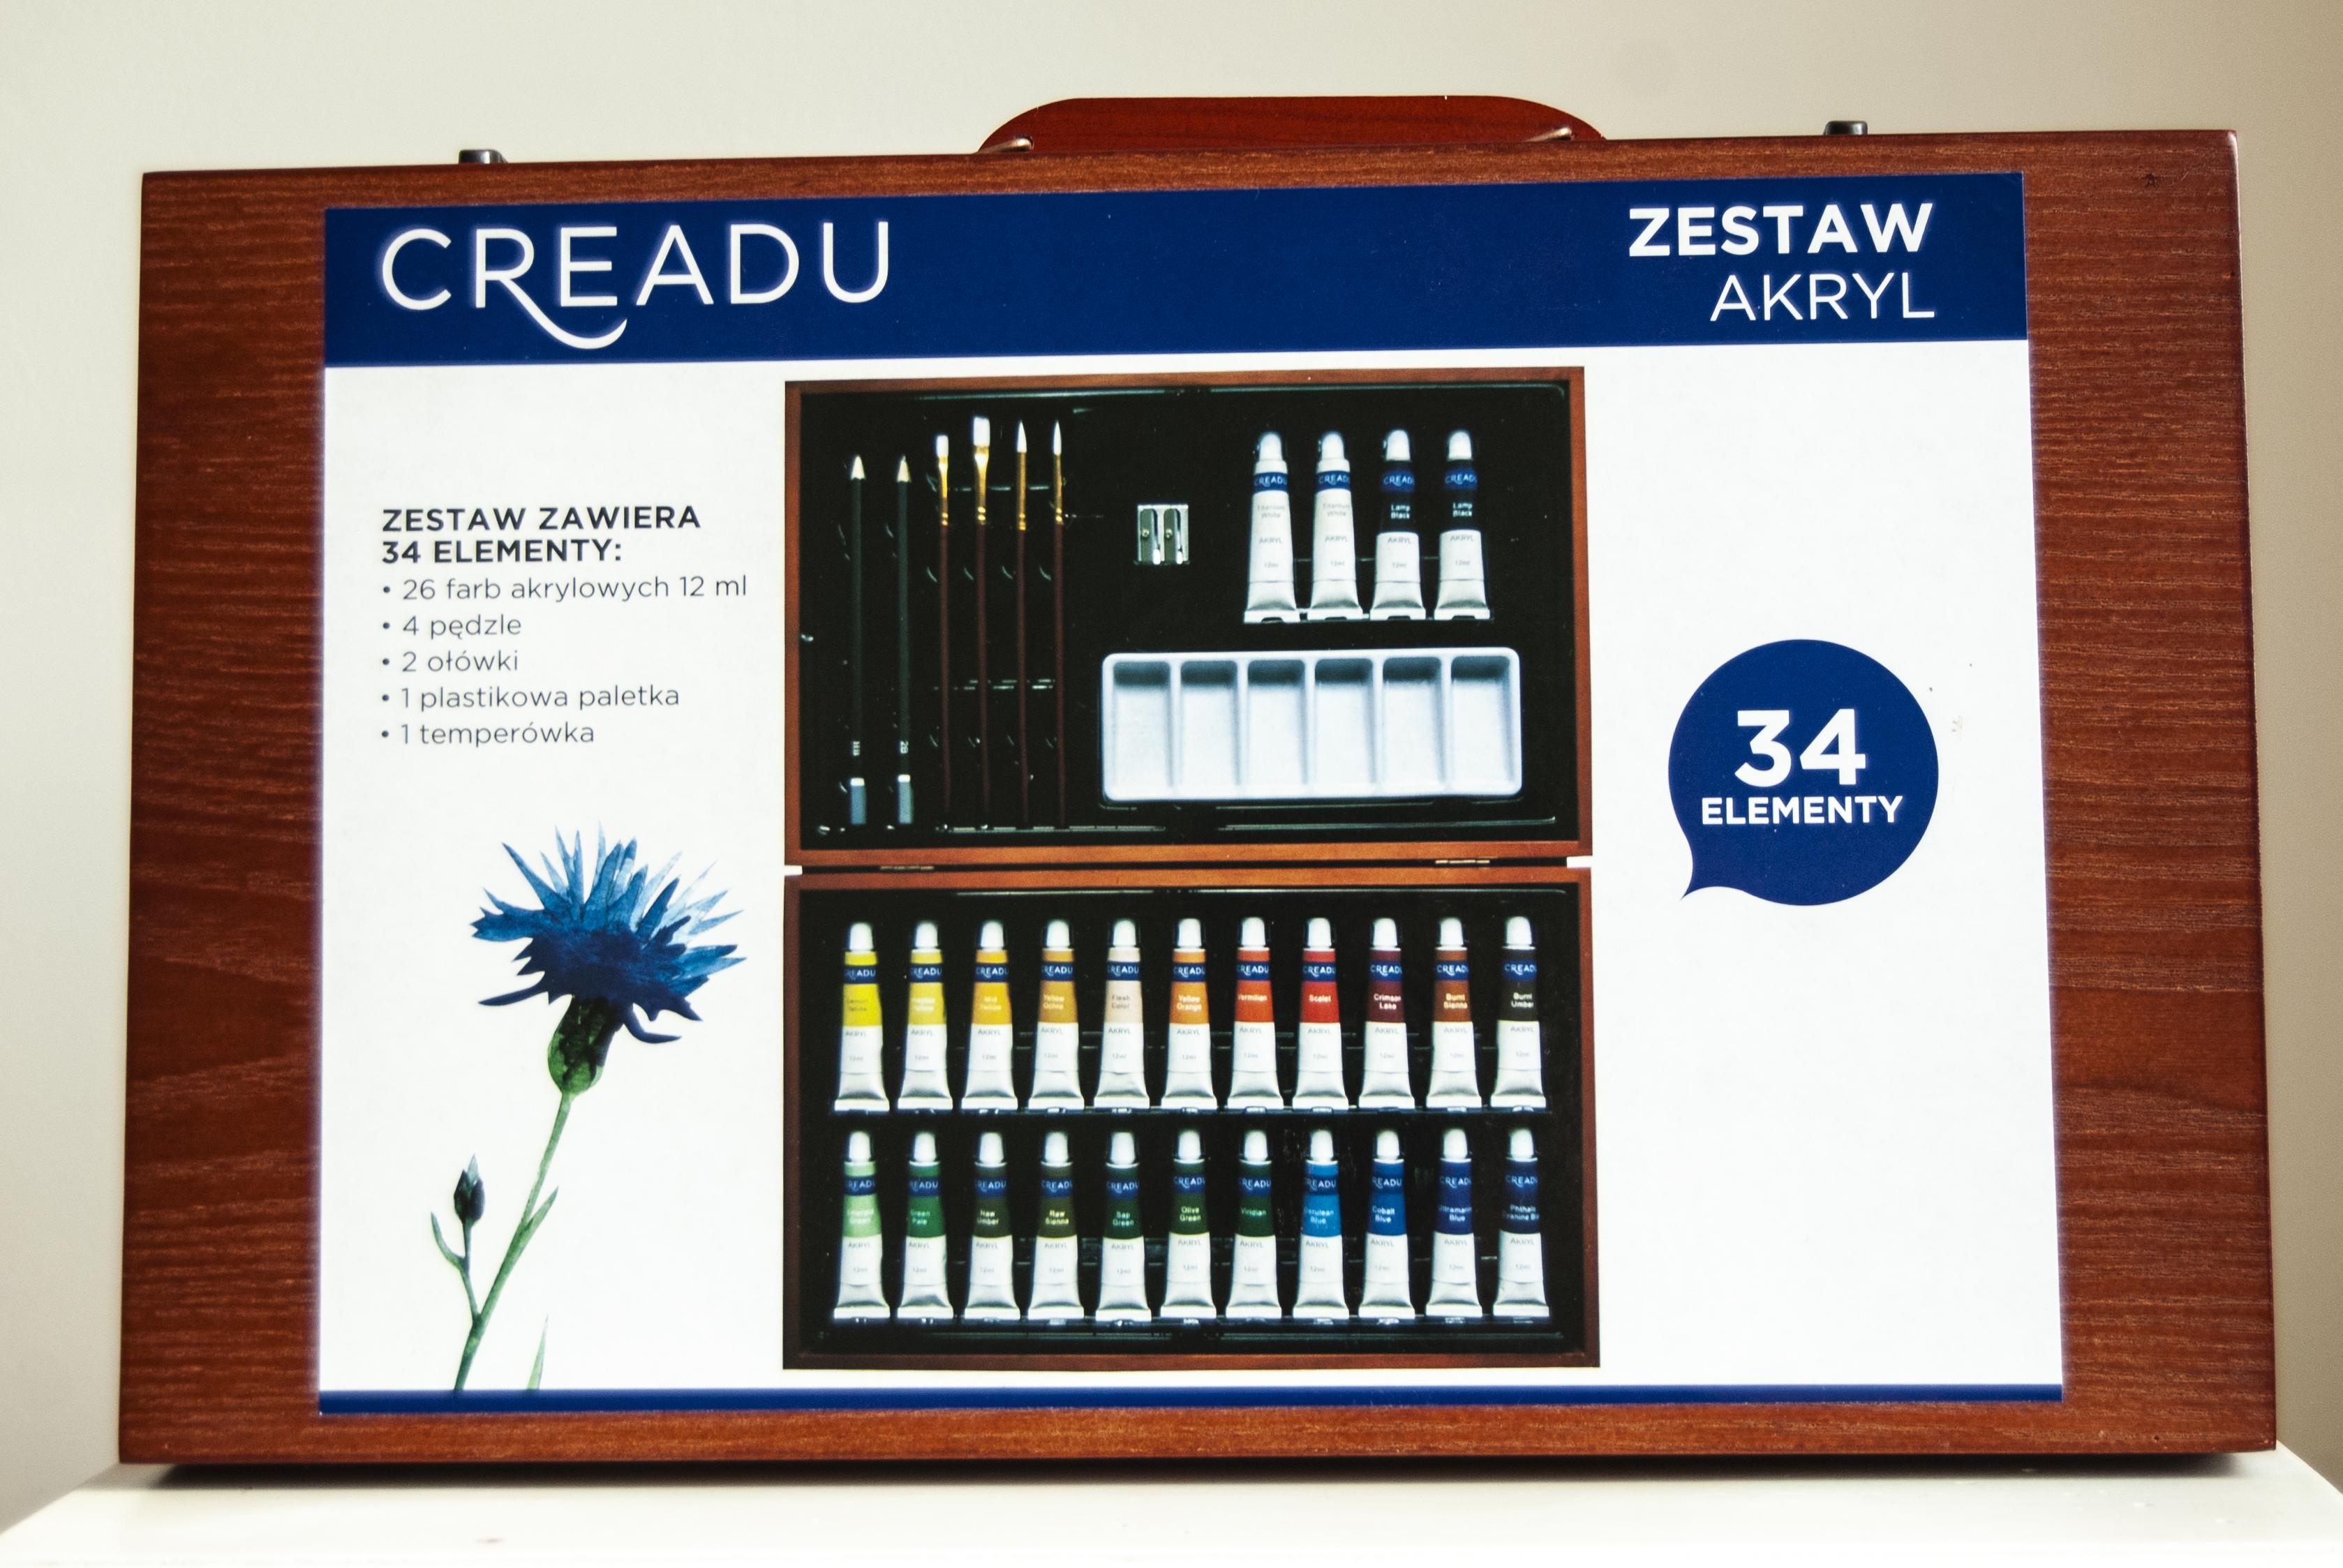 zestaw akryli od Creadu